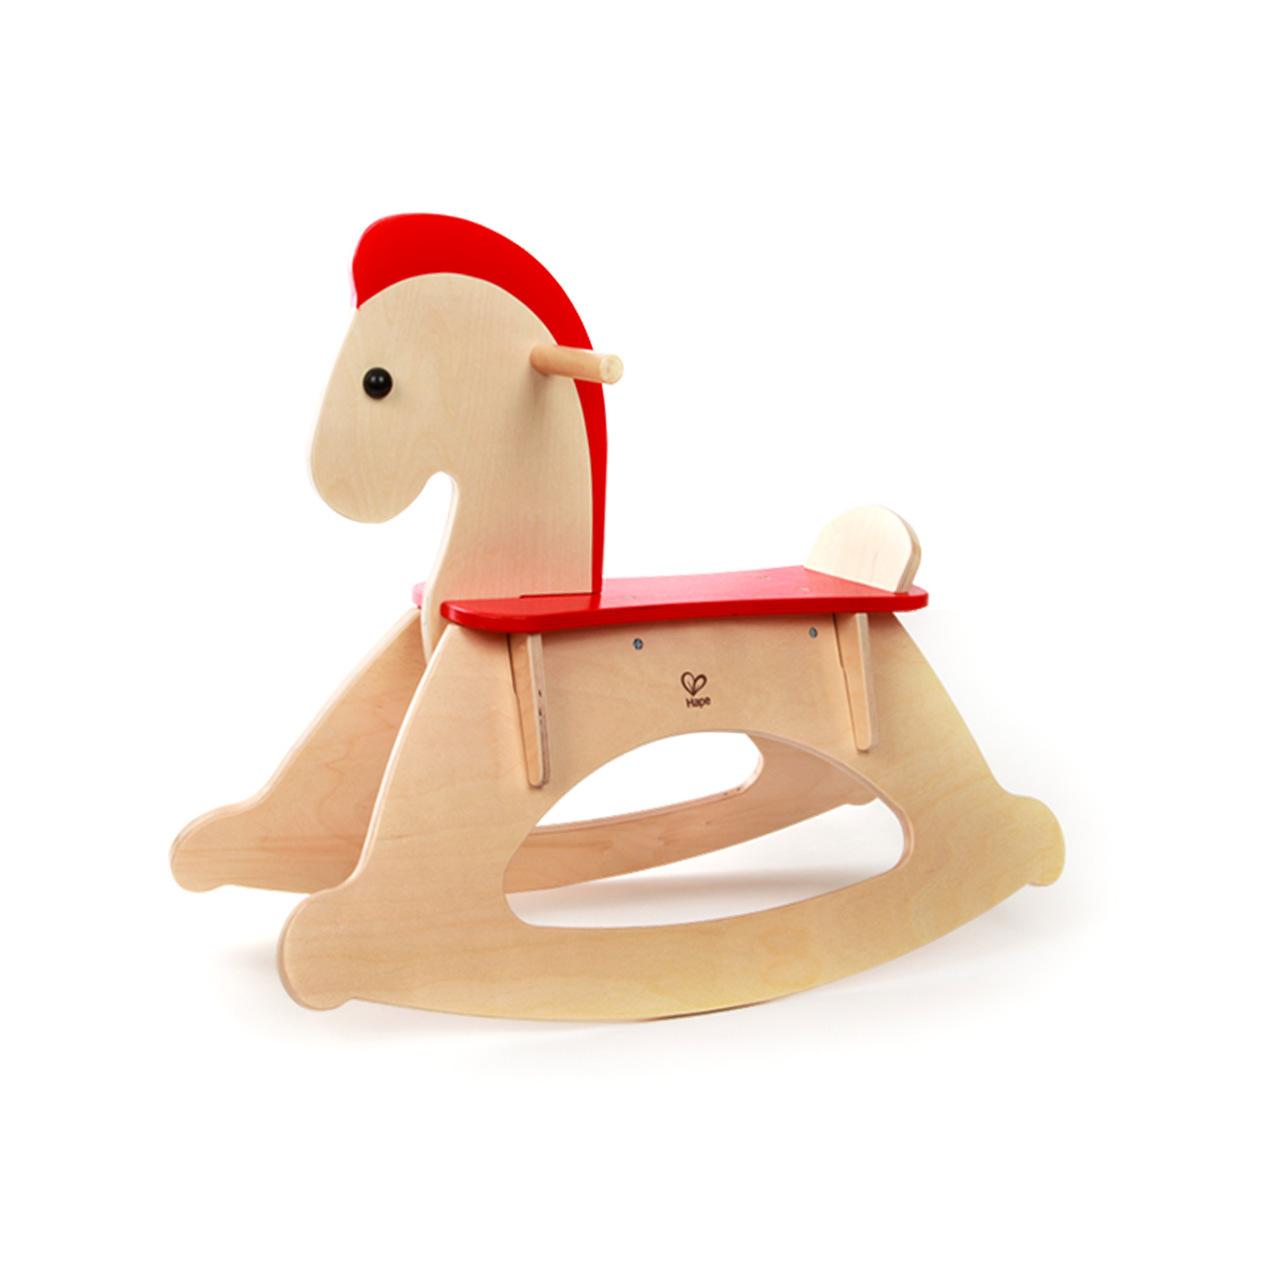 hape木马 儿童摇马 婴幼儿宝宝摇骑实木摇摇马男女孩玩具1-6岁